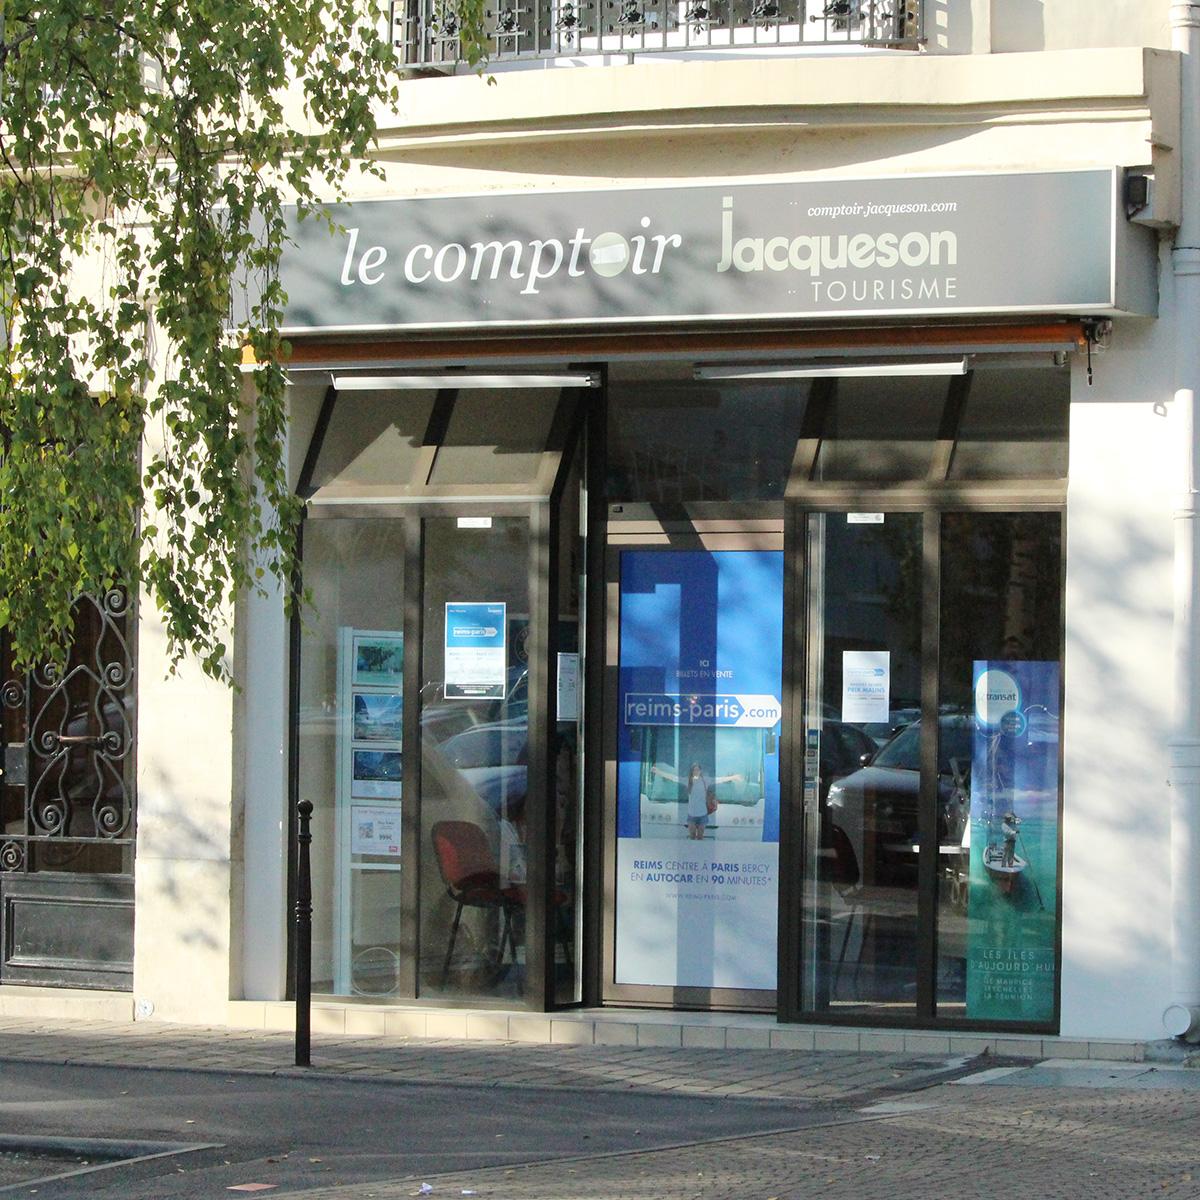 Le comptoir Jacqueson Tourisme